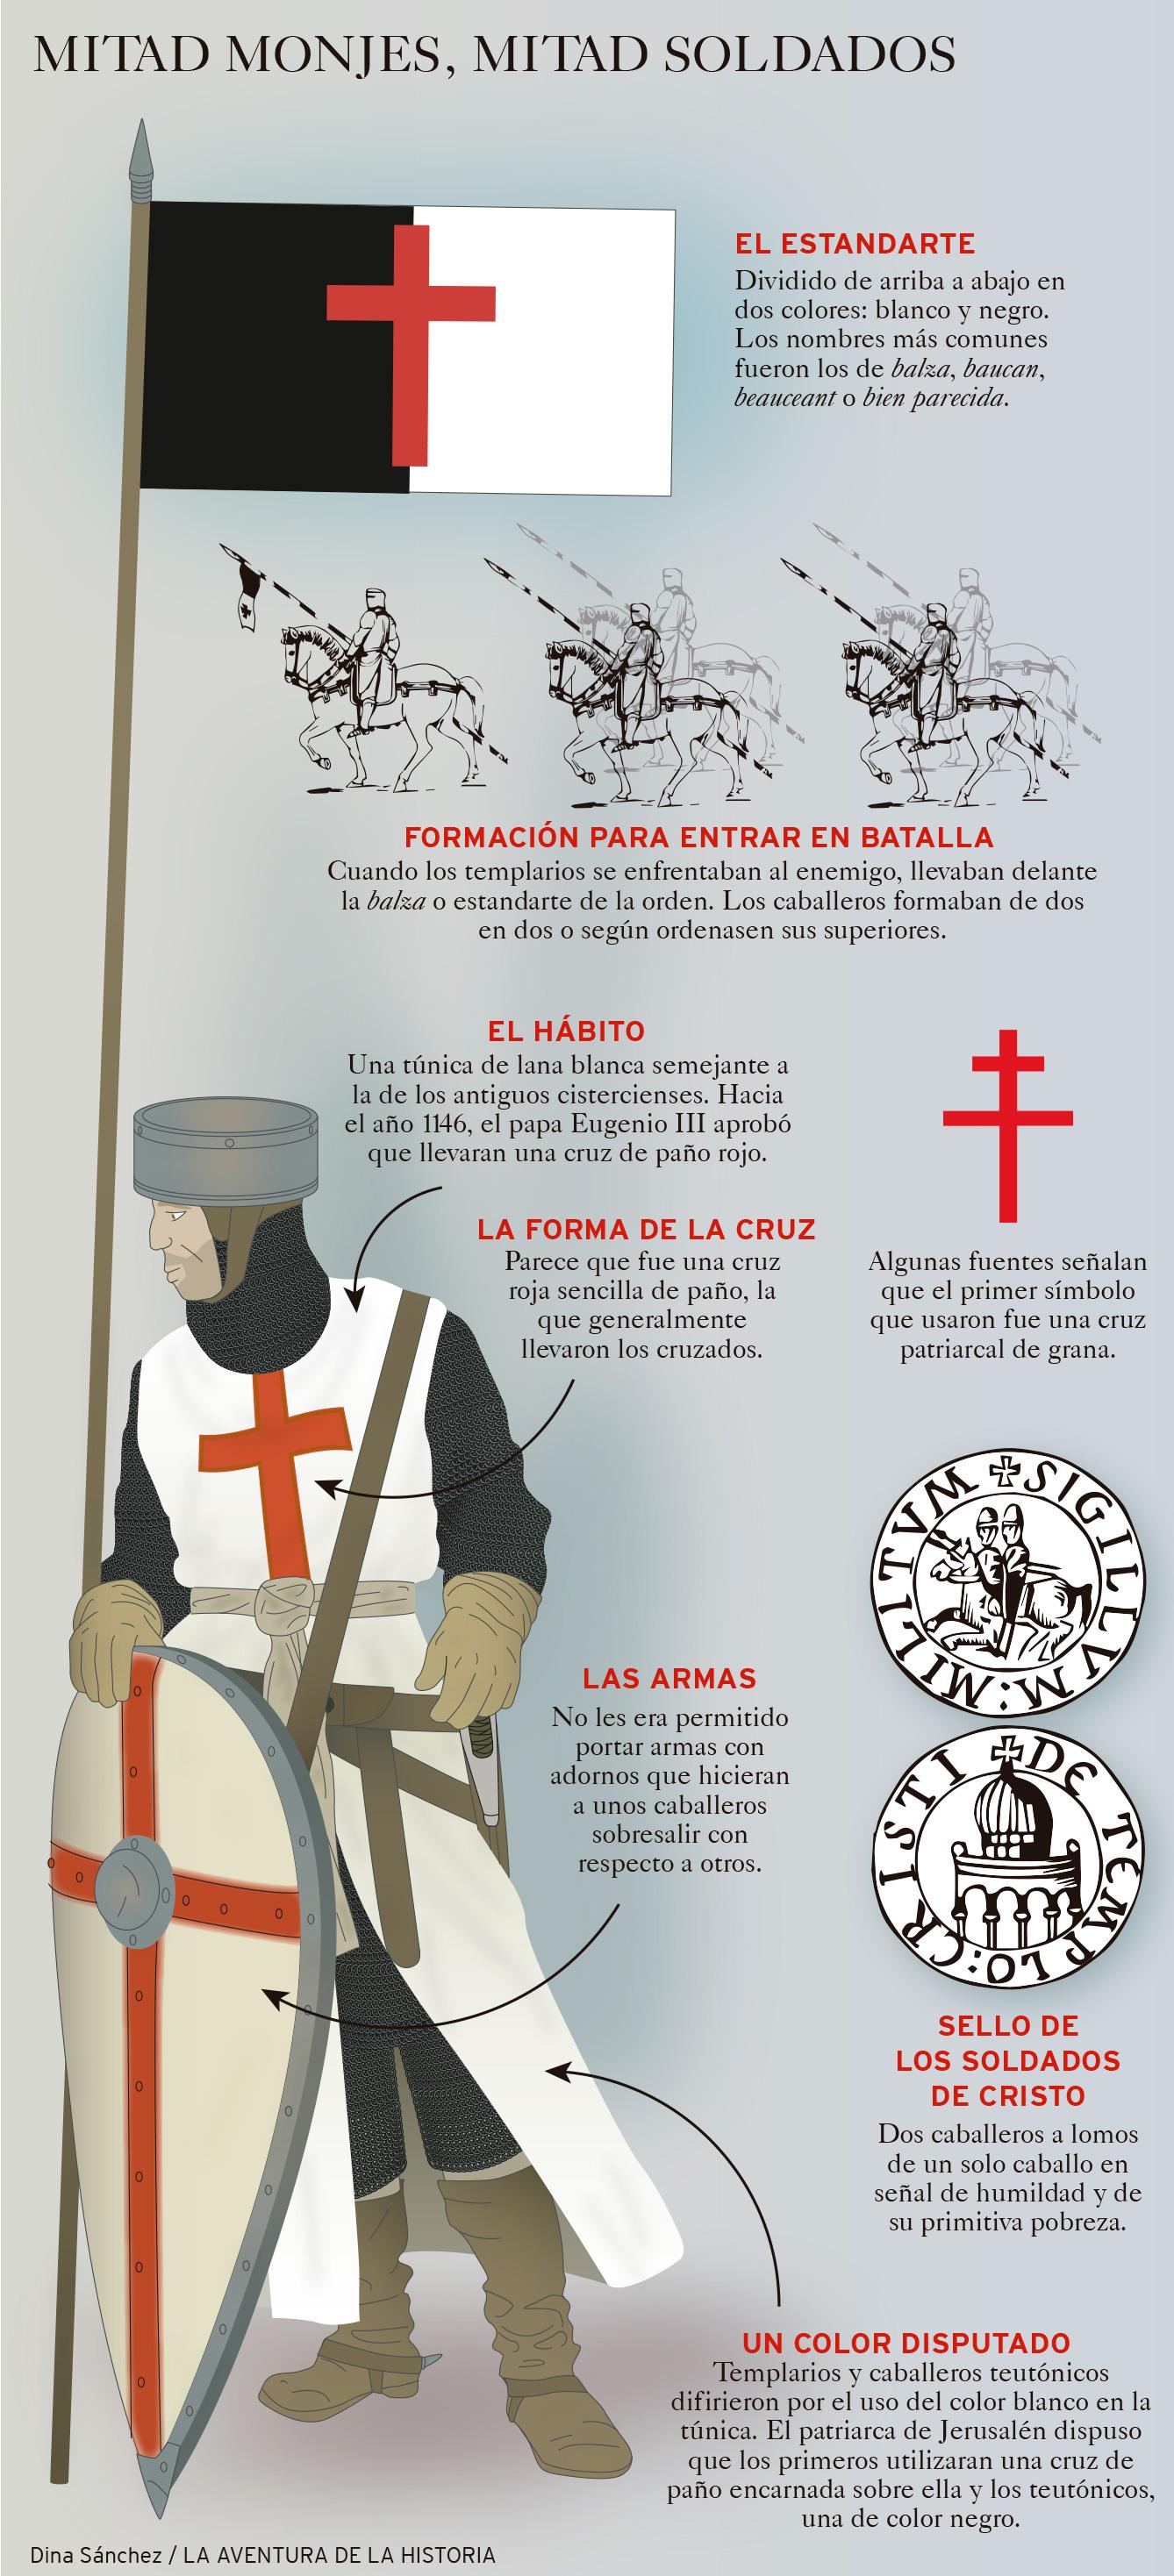 Indumentaria de los Templarios. Infografía